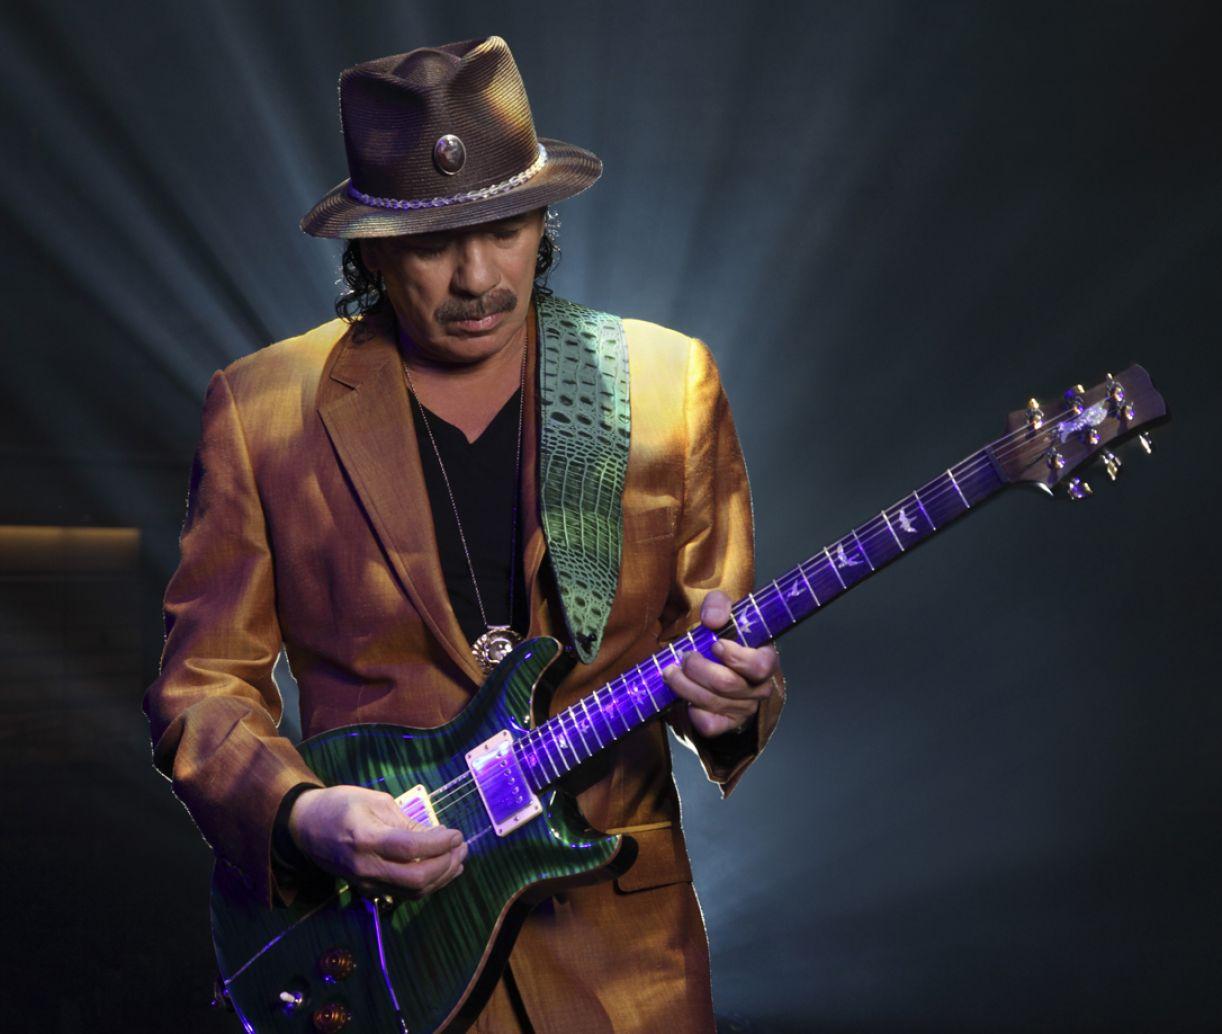 A maior inovação de Carlos Santana foi combinar aos modos do blues rock, o swing, a pegada da salsa e da música caribenha